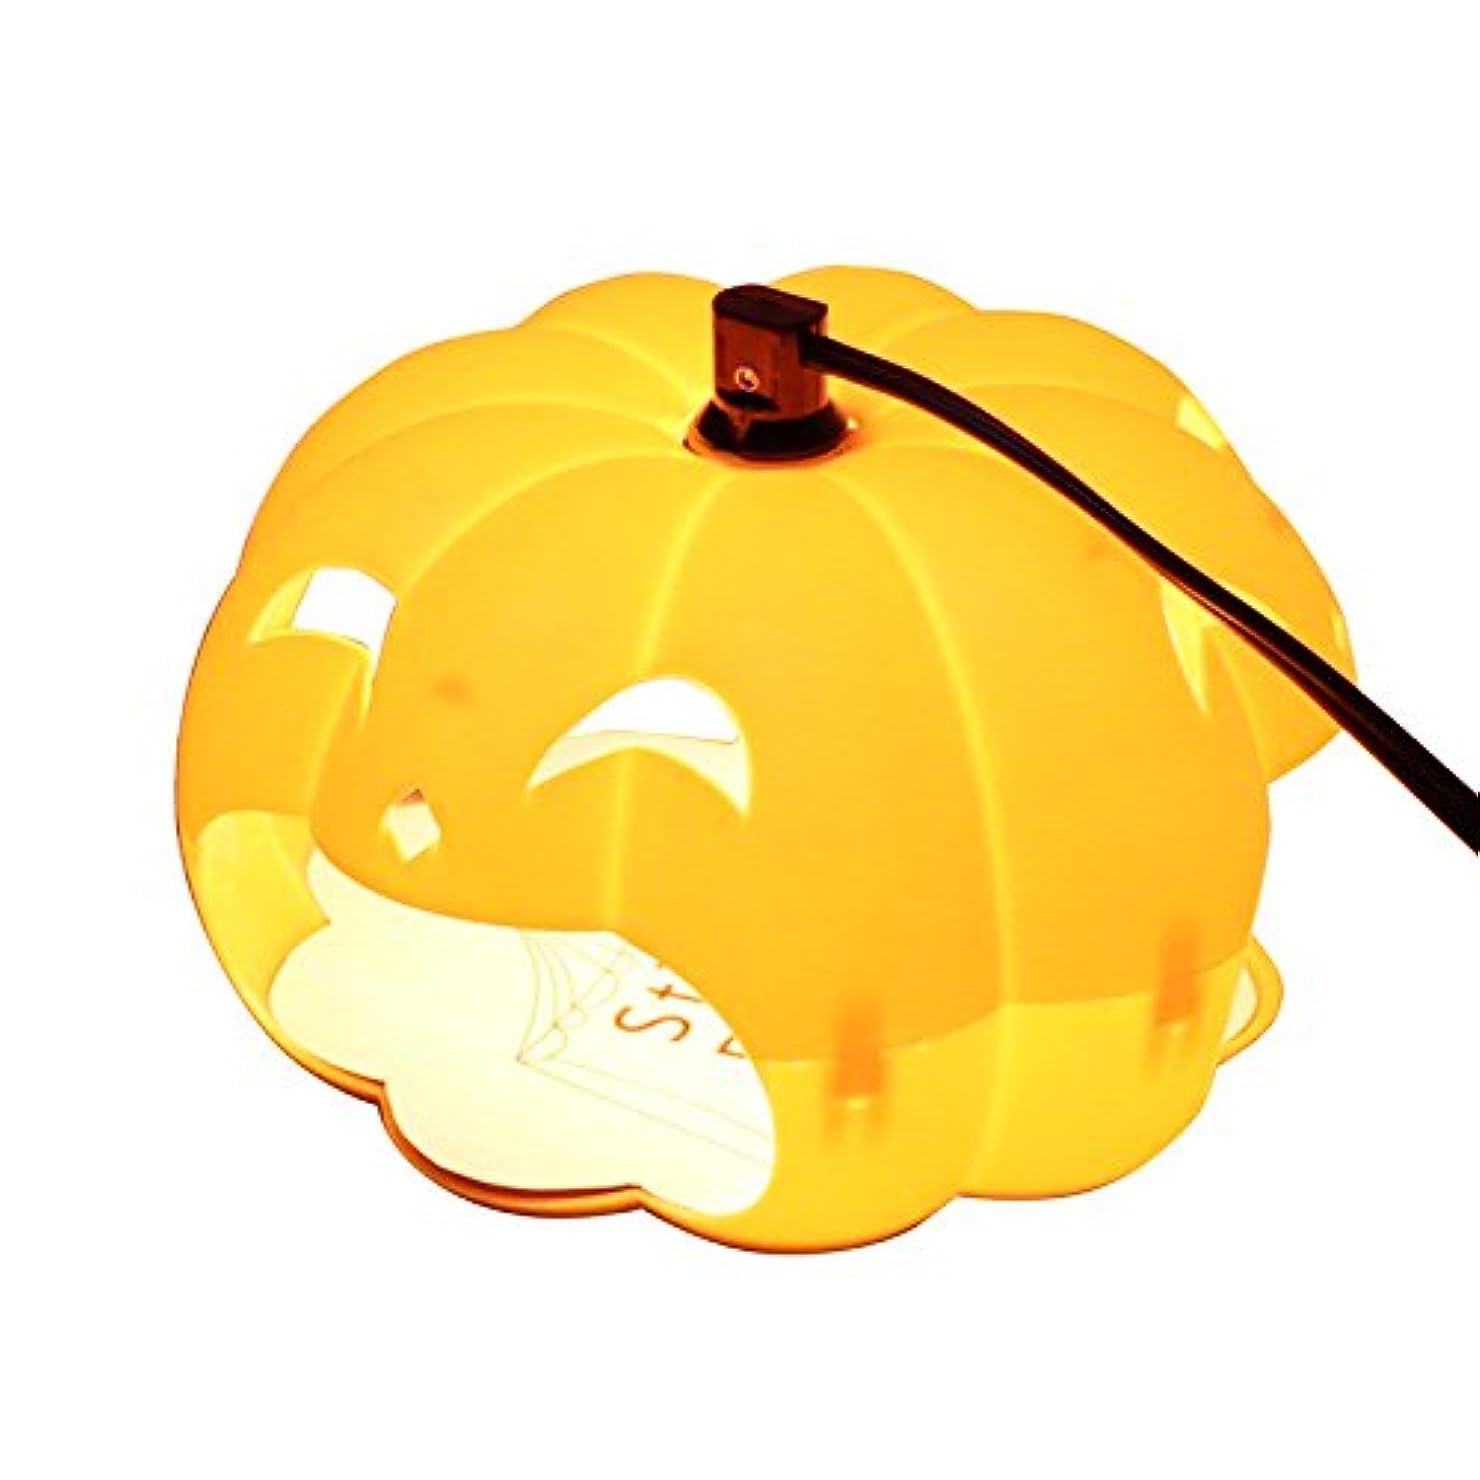 確保する指導する迷彩蚊ランプ、インテリジェントな蚊の殺し屋、屋内LED吸引トラップ蚊ランプ